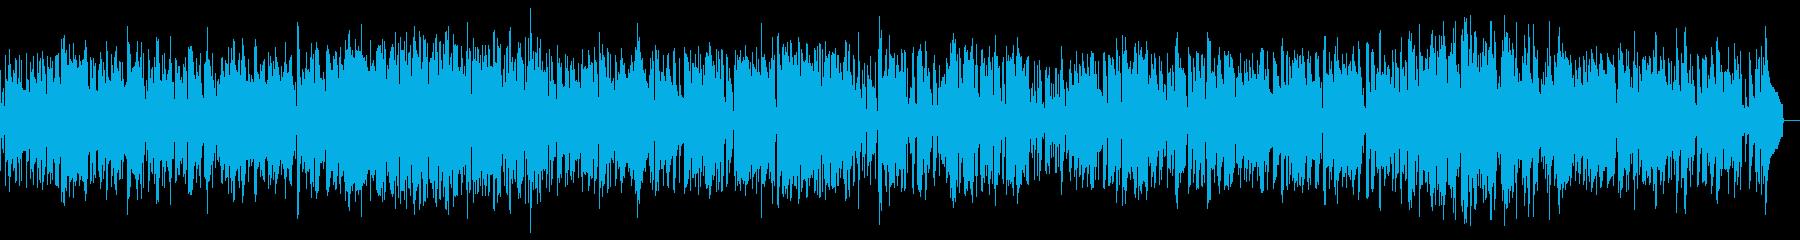 サックスのゆったりとしたスムースジャズの再生済みの波形